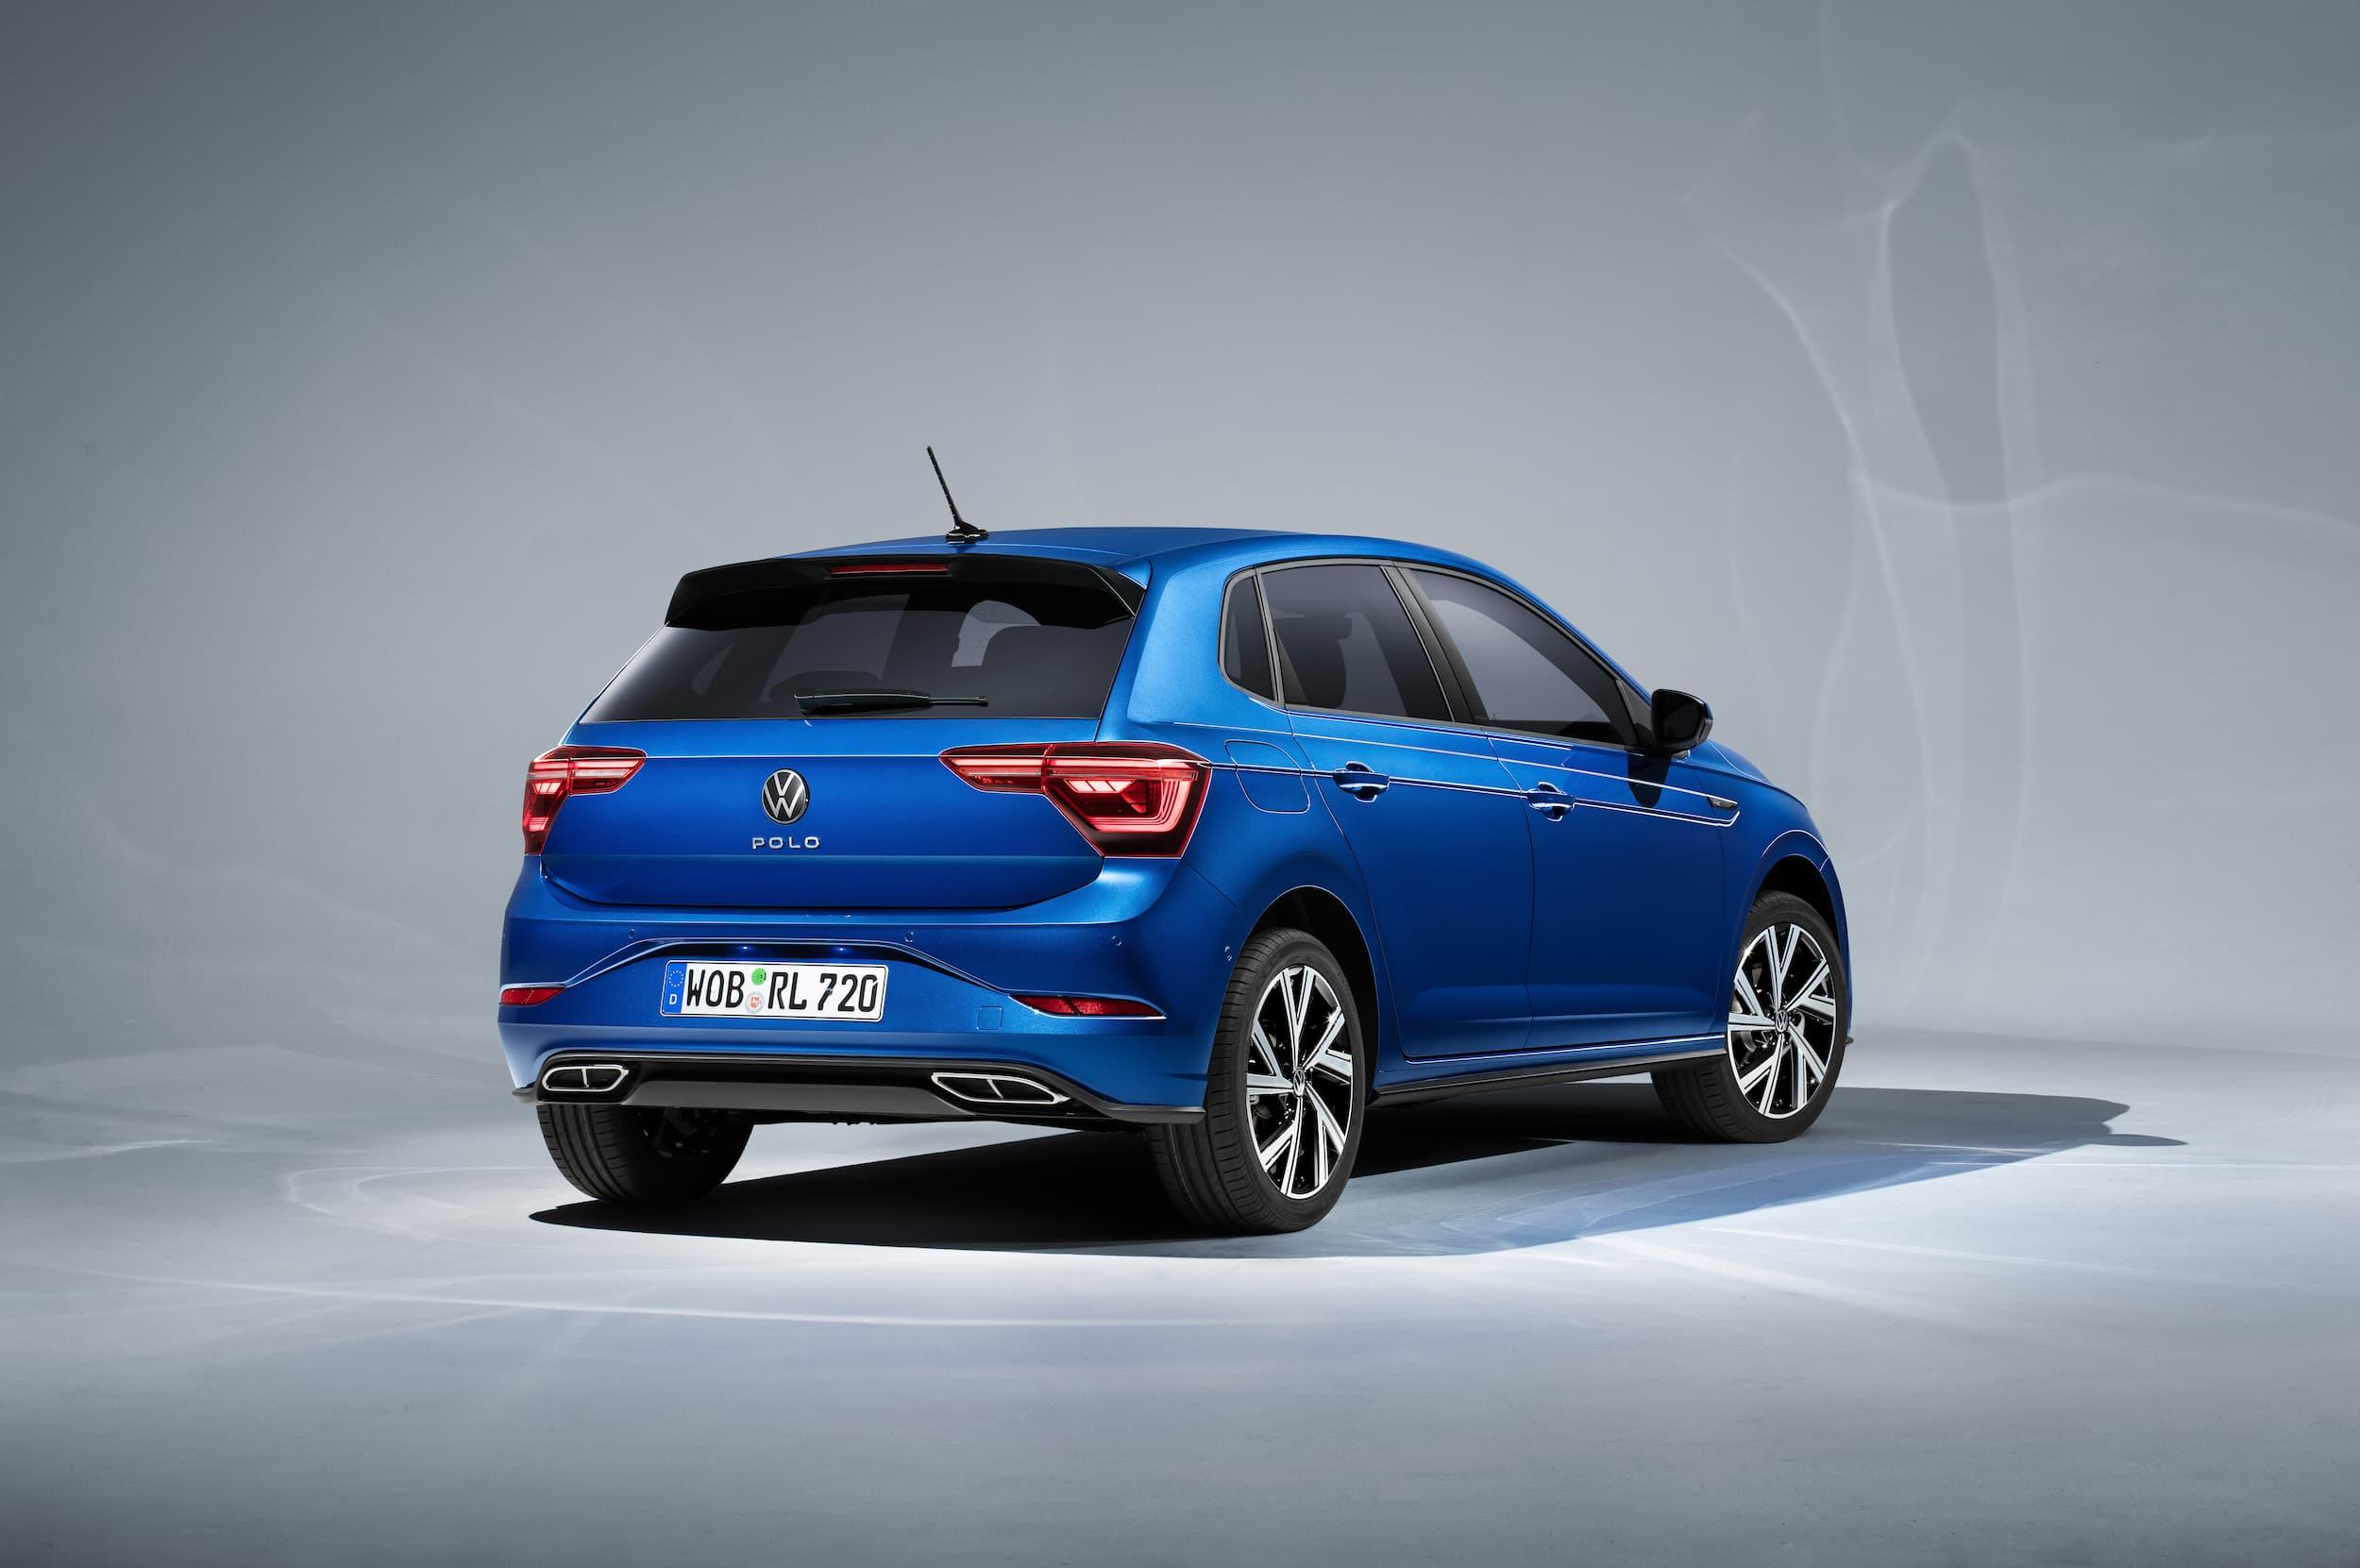 Nuevo Volkswagen Polo, uno de los primeros coches de su clase que circula de manera semiautomtica 3